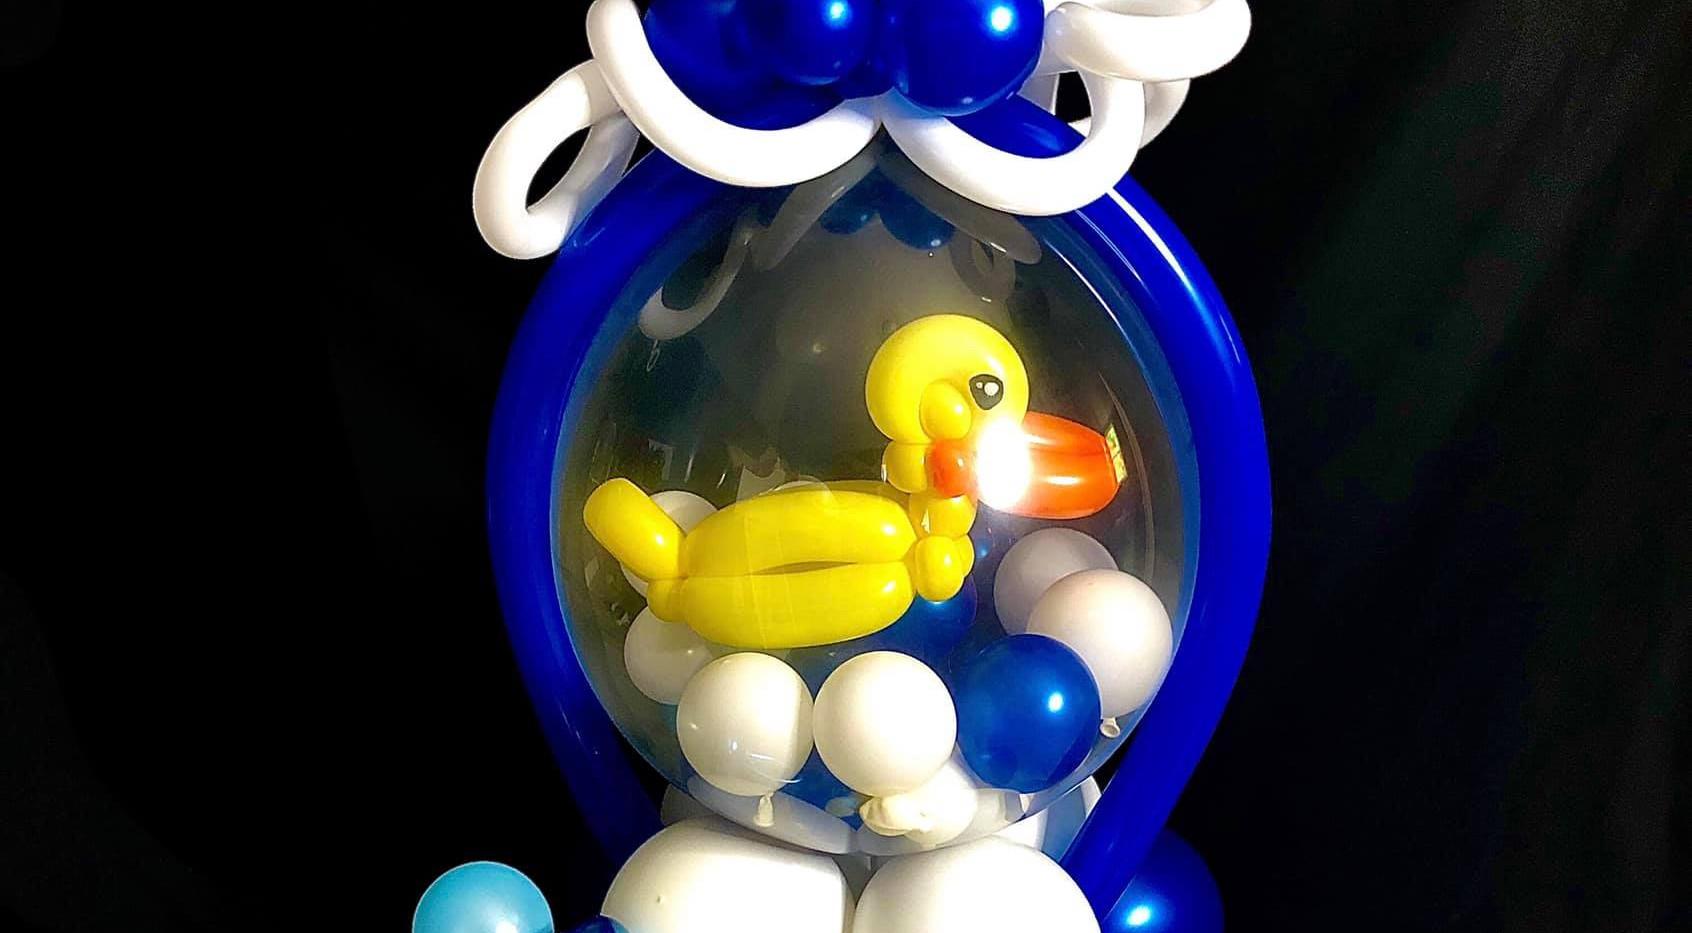 itsaboystuffedduckballoon.jpg